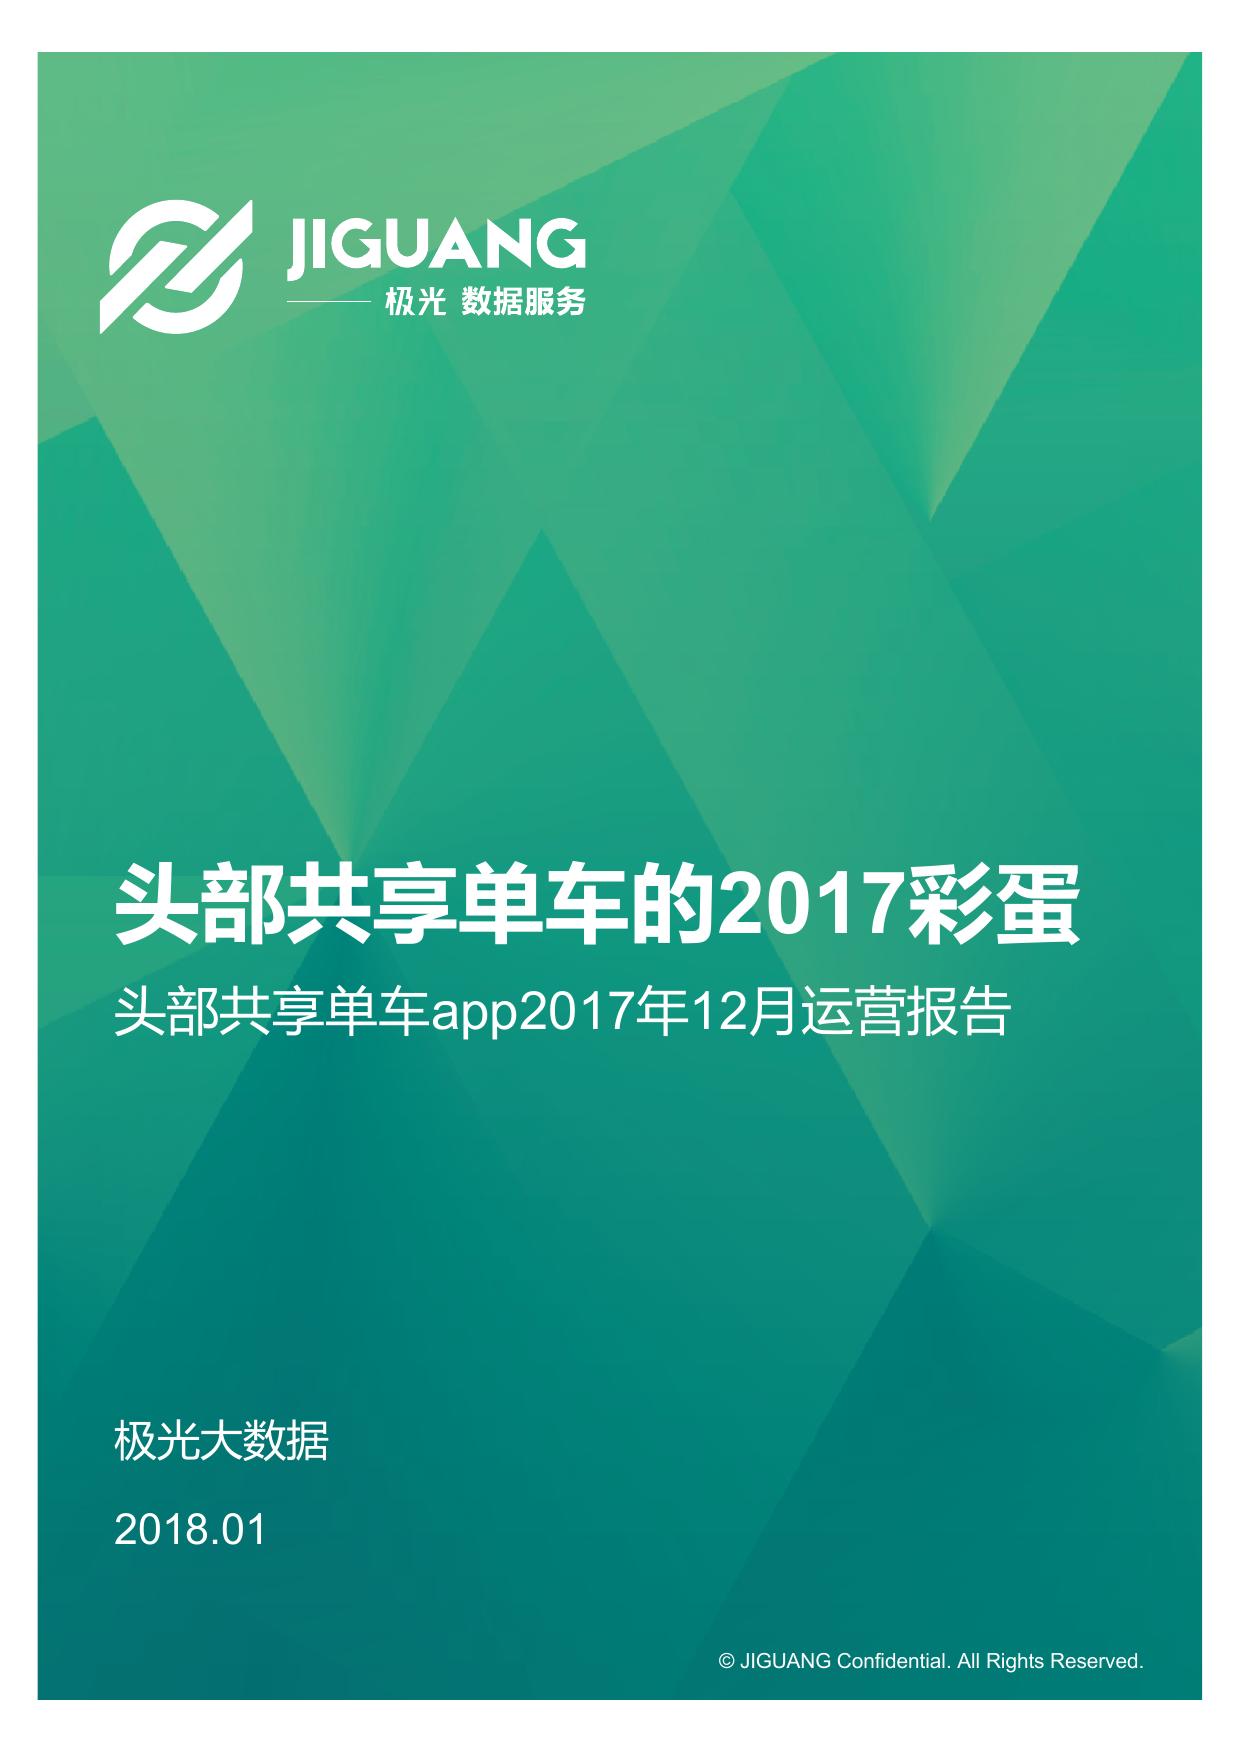 极光大数据:2017年12月头部共享单车app运营报告(附下载)